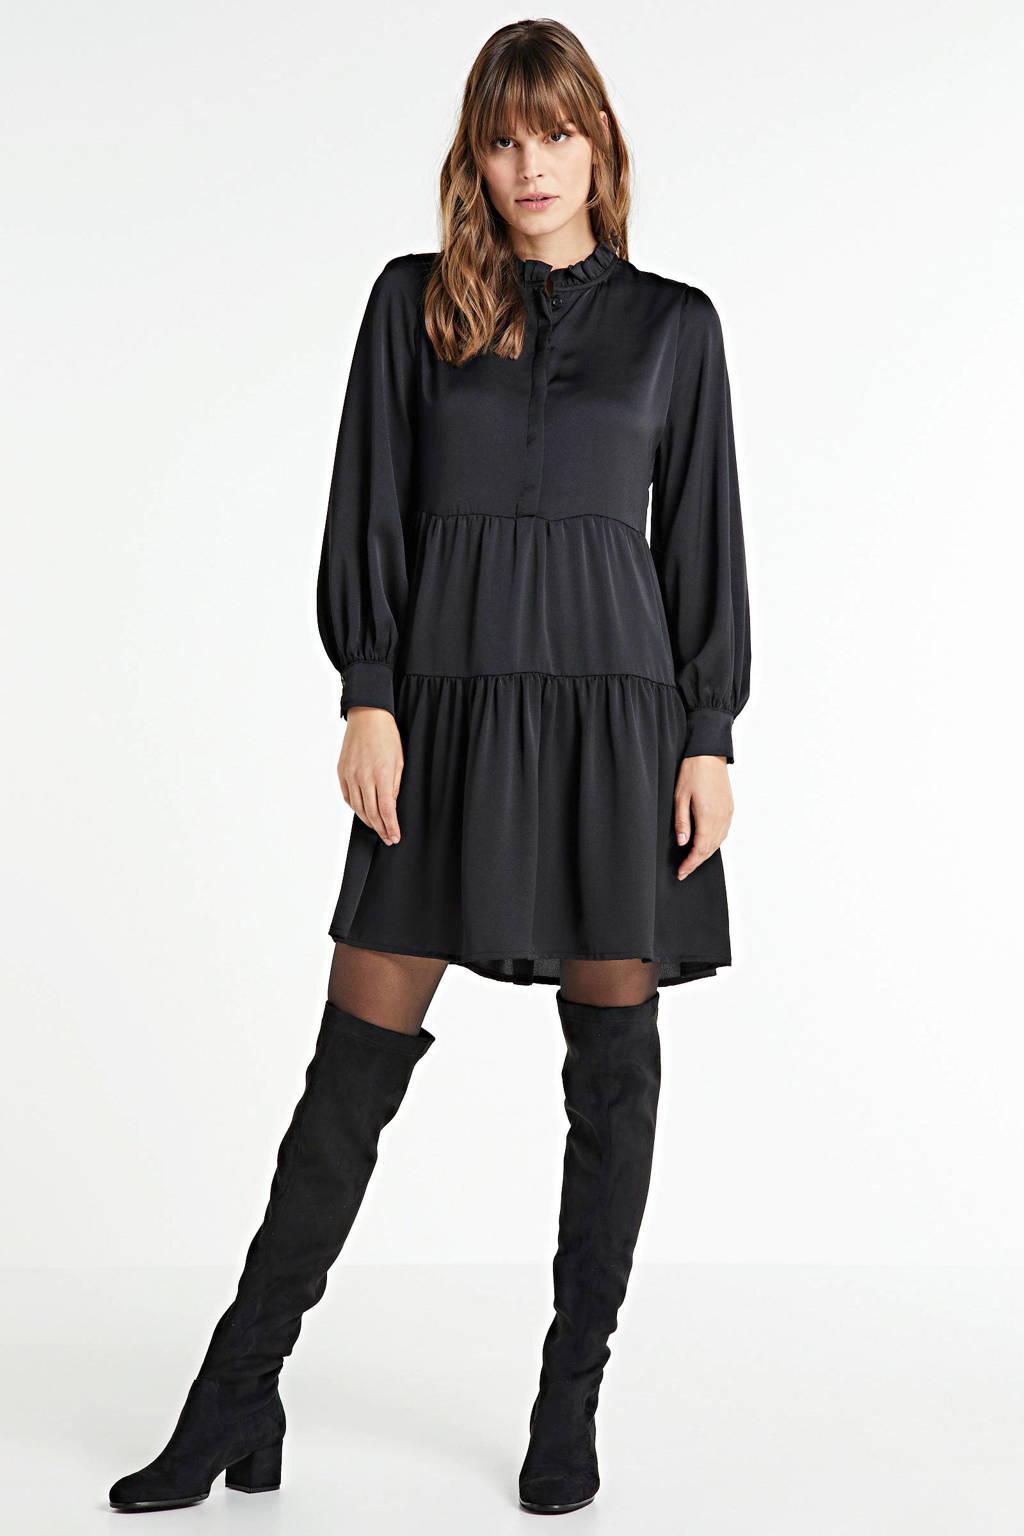 OBJECT blousejurk zwart, Zwart